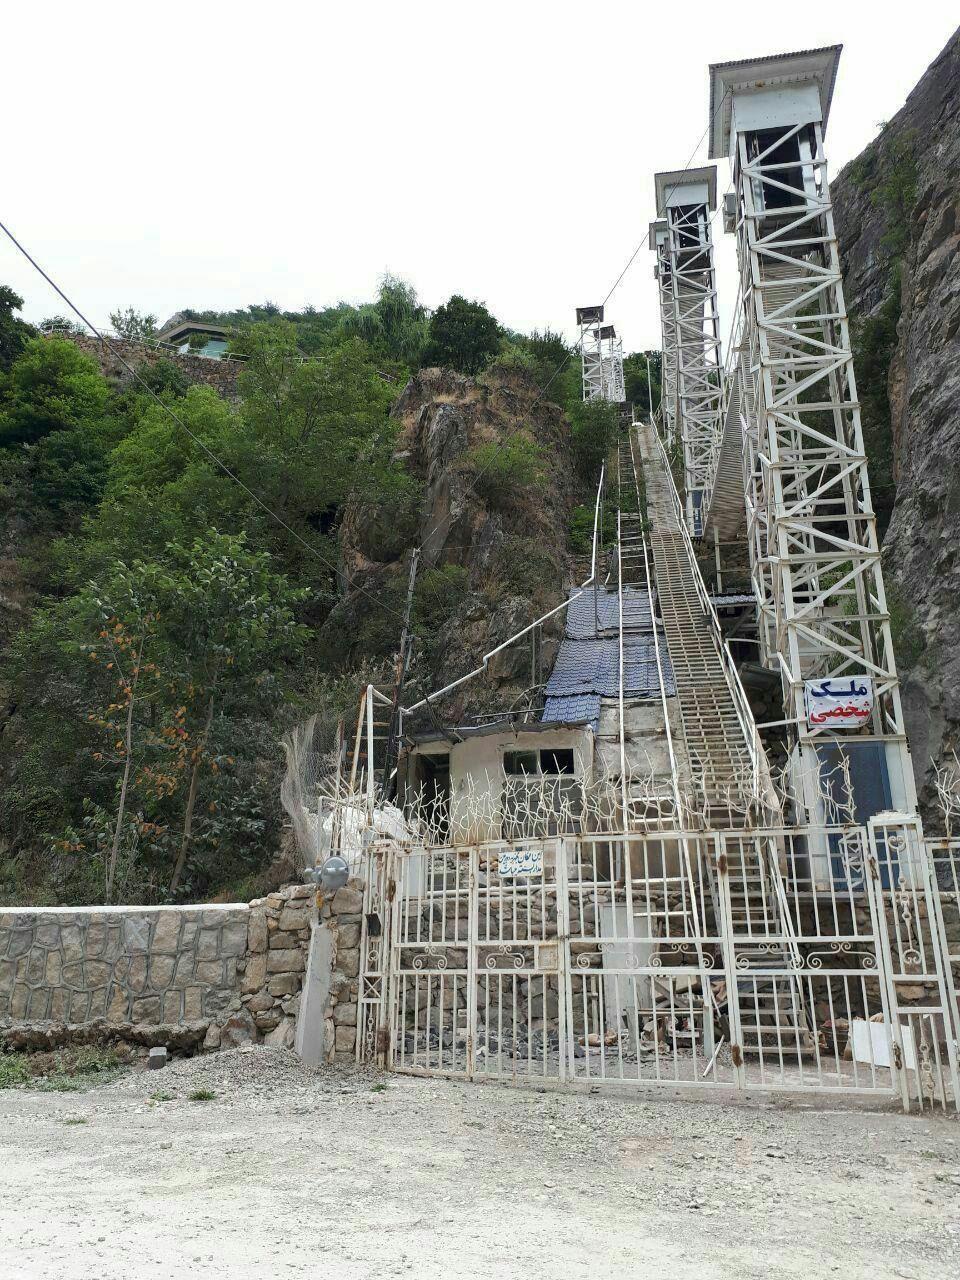 منابع طبیعی پرونده ویلای منطقه مرتفع روبارک کلاردشت را پیگیری می کند